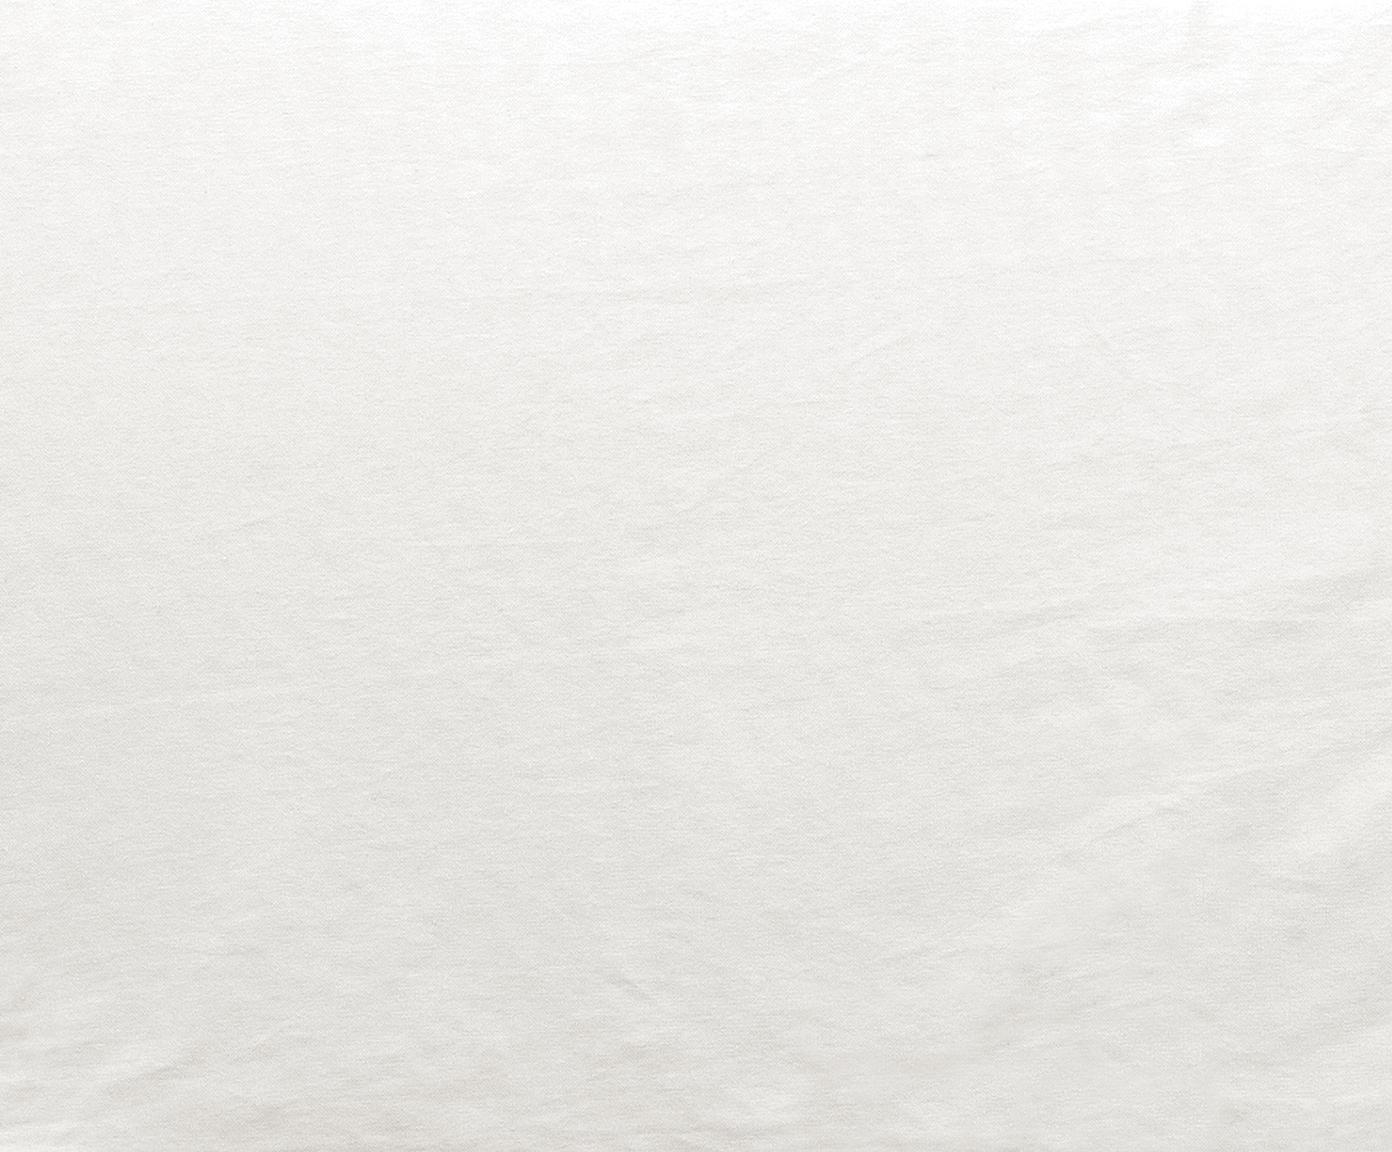 Sofa Mila (3-osobowa), Tapicerka: bawełna 26 000 cykli w te, Stelaż: lite drewno świerkowe, Nogi: tworzywo sztuczne, Kremowobiały, S 195 x G 82 cm